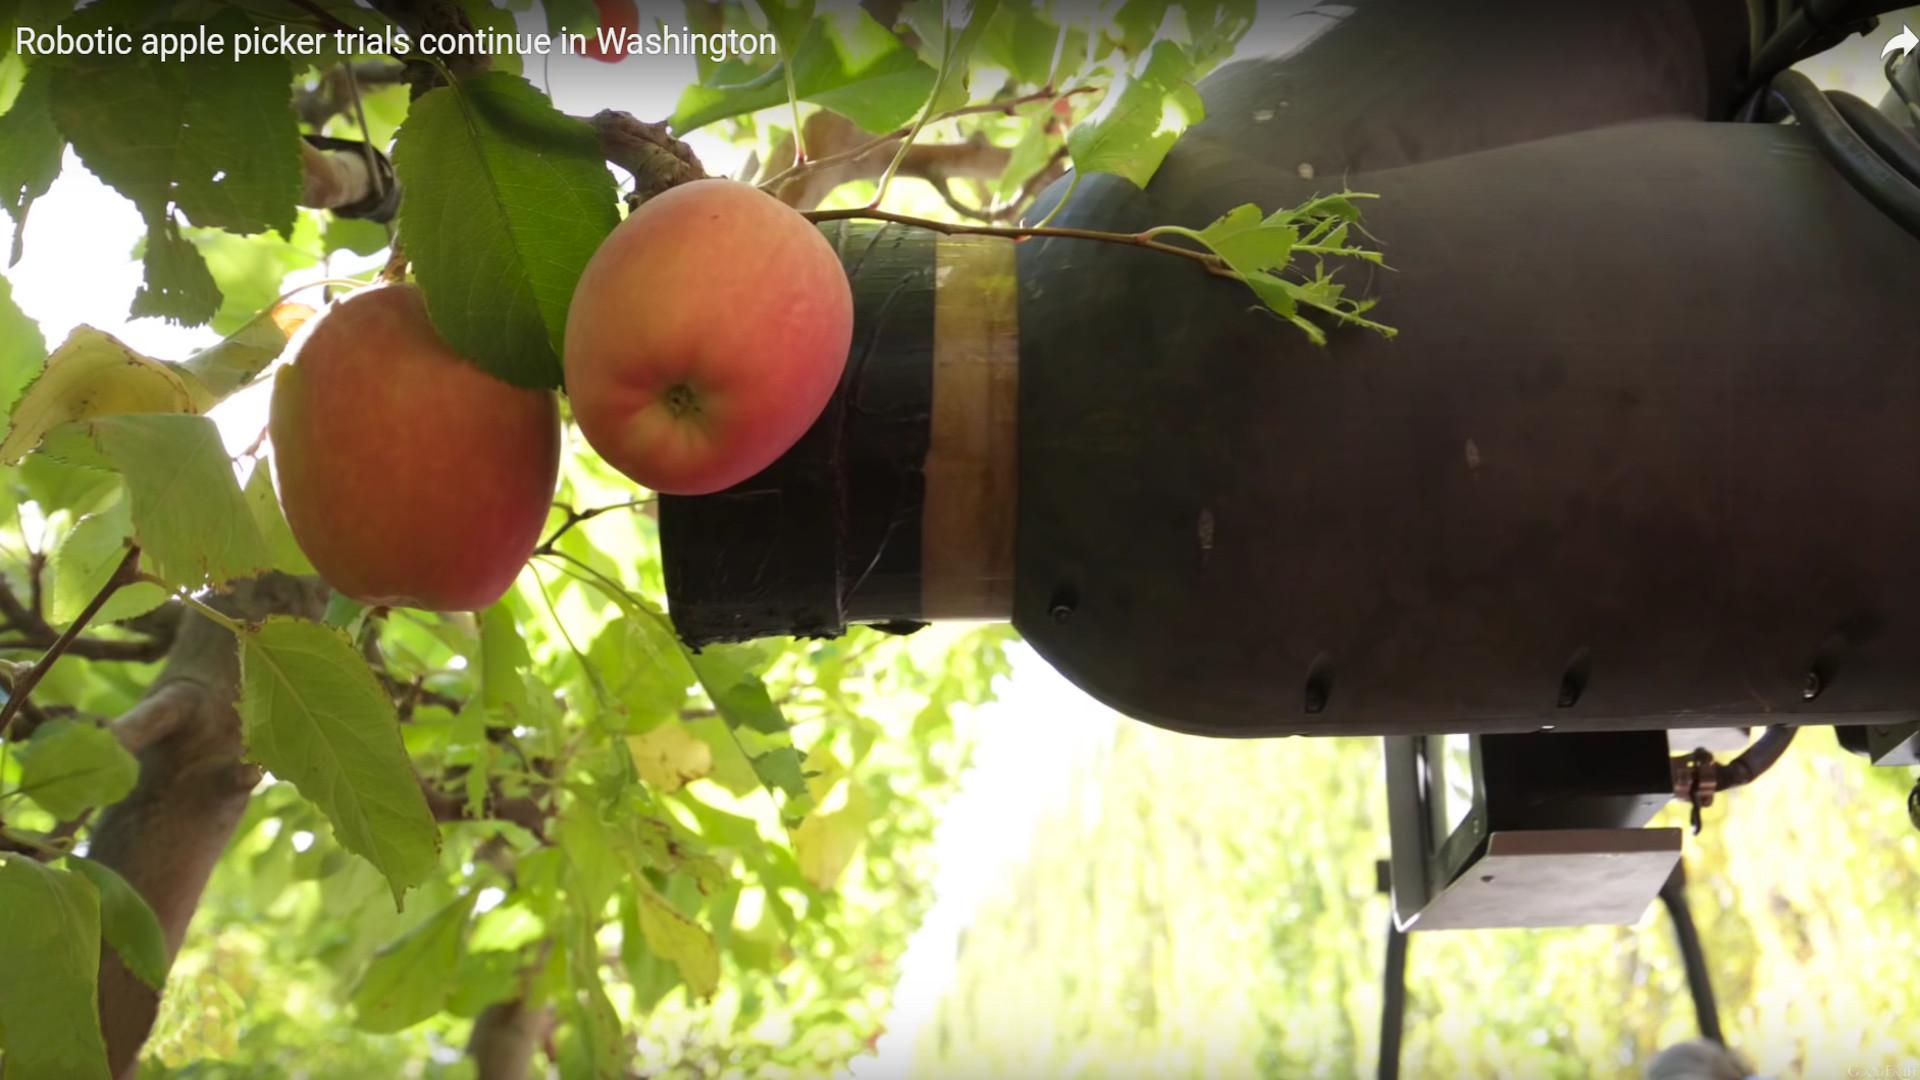 Un robot que recoge manzanas al ritmo de decenas de seres humano